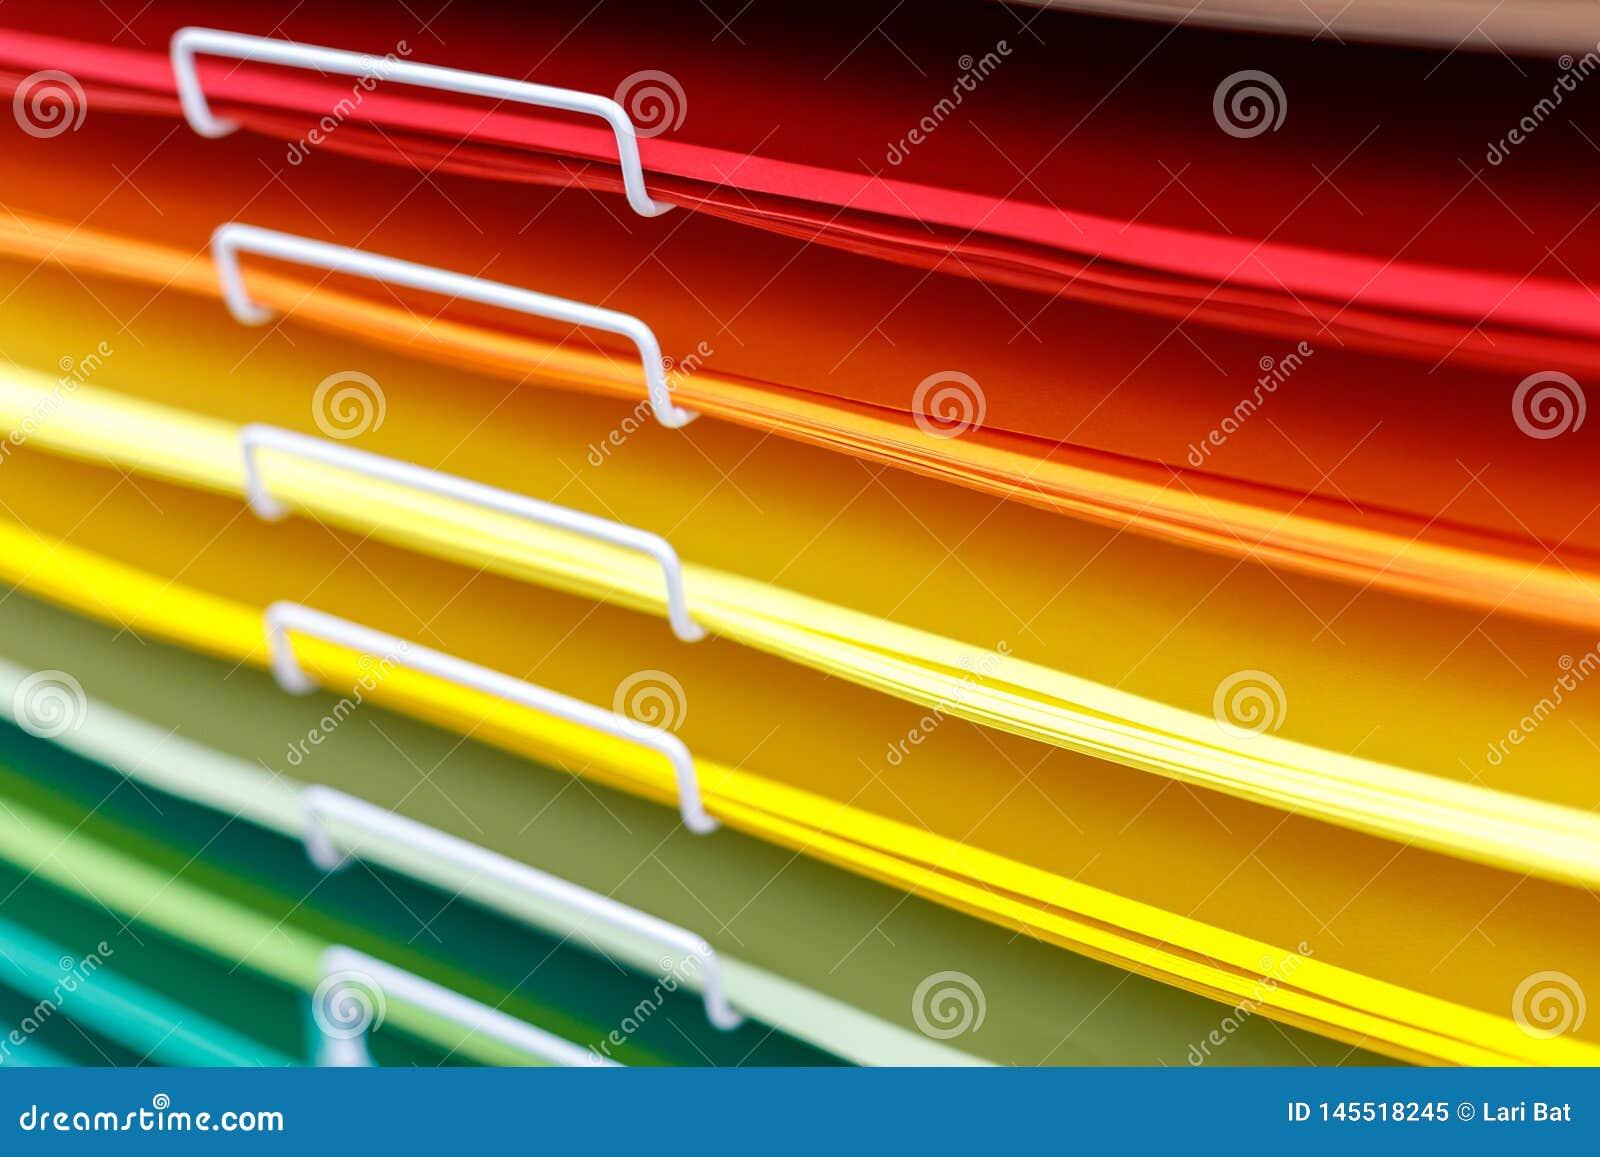 Σωροί του χρωματισμένου χαρτονιού για το σχέδιο